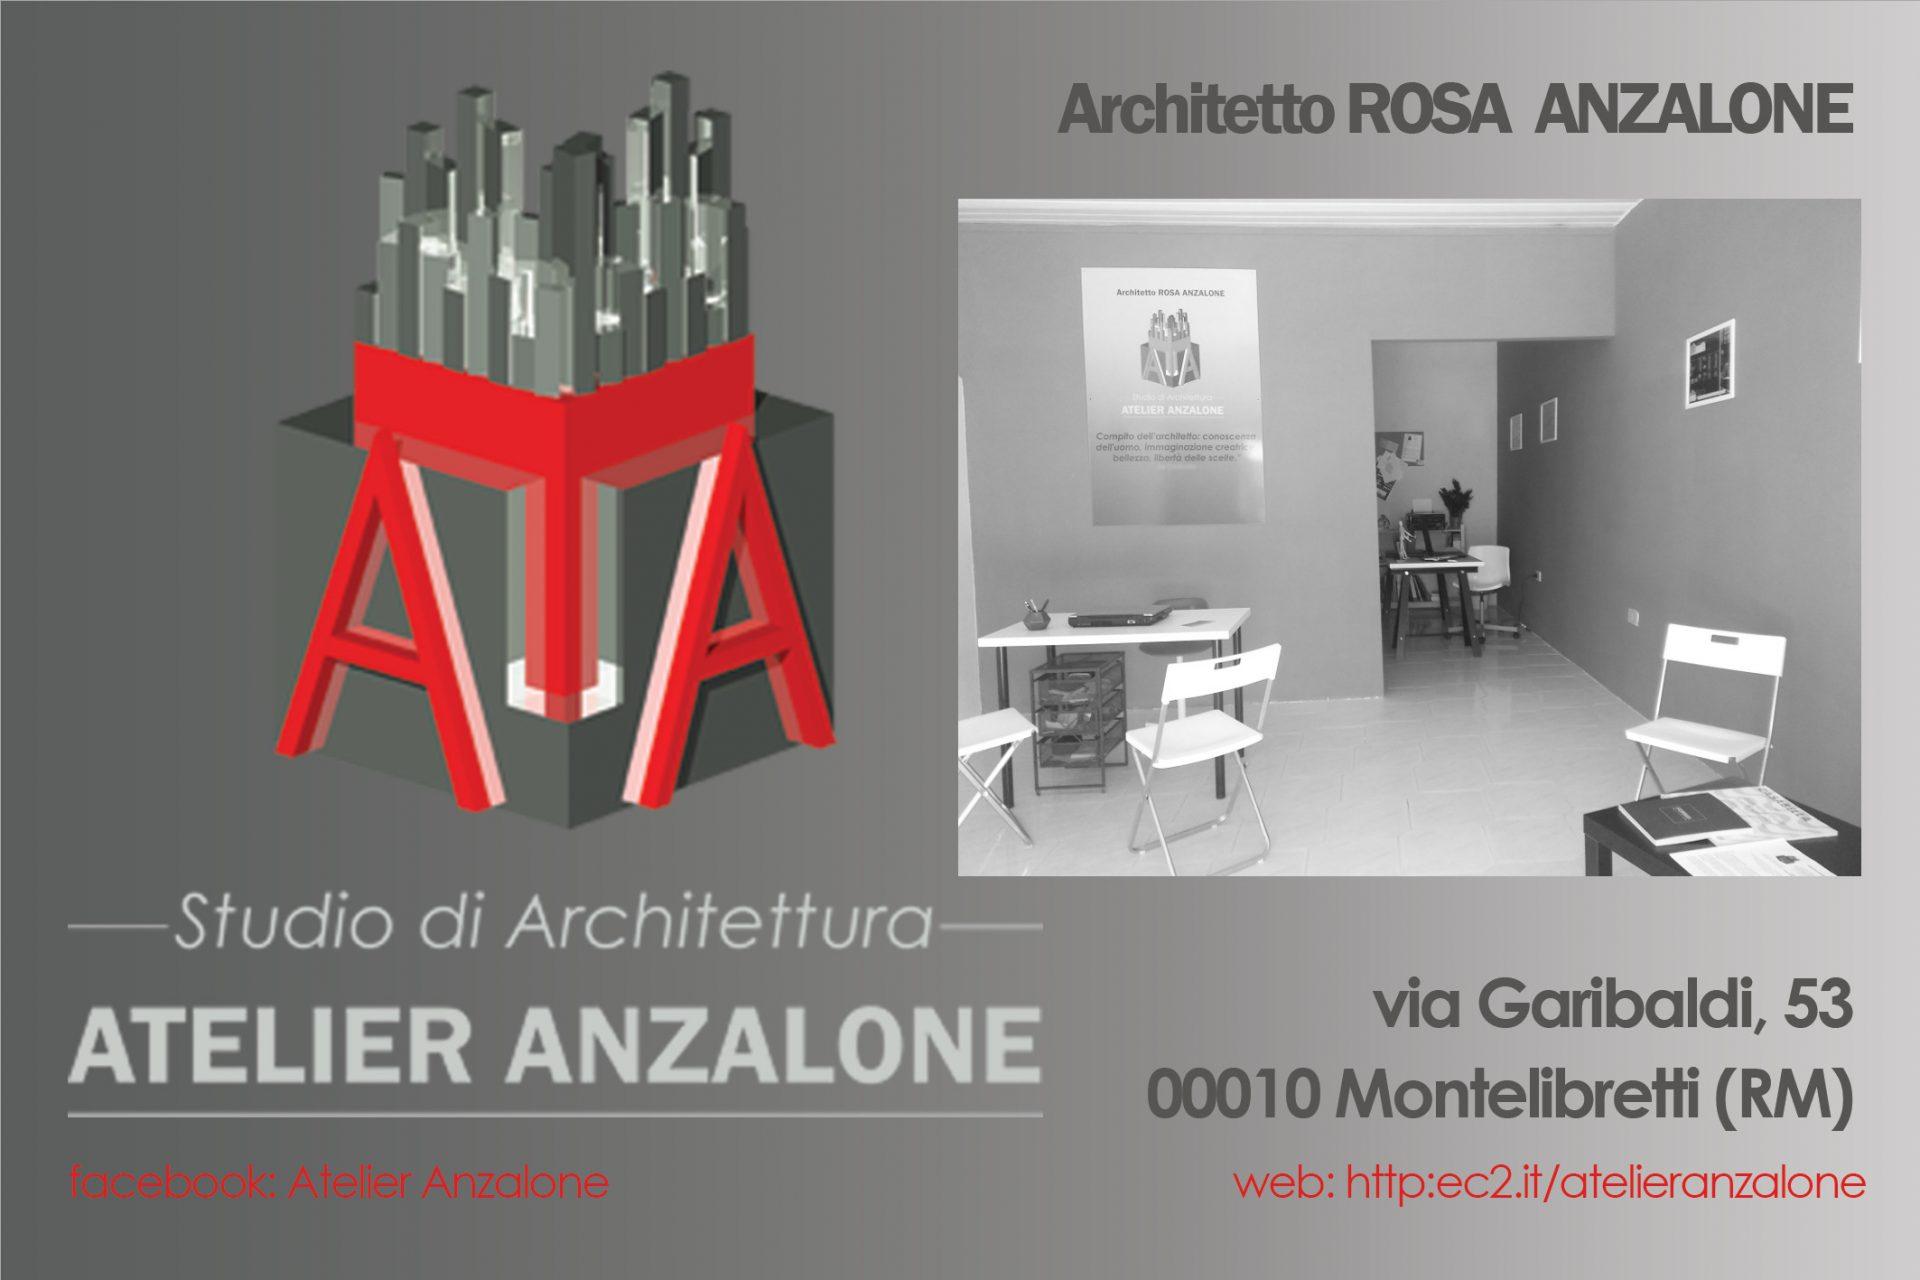 LOGO E FOTO STUDIO DI ARCHITETTURA ATELIER ANZALONE